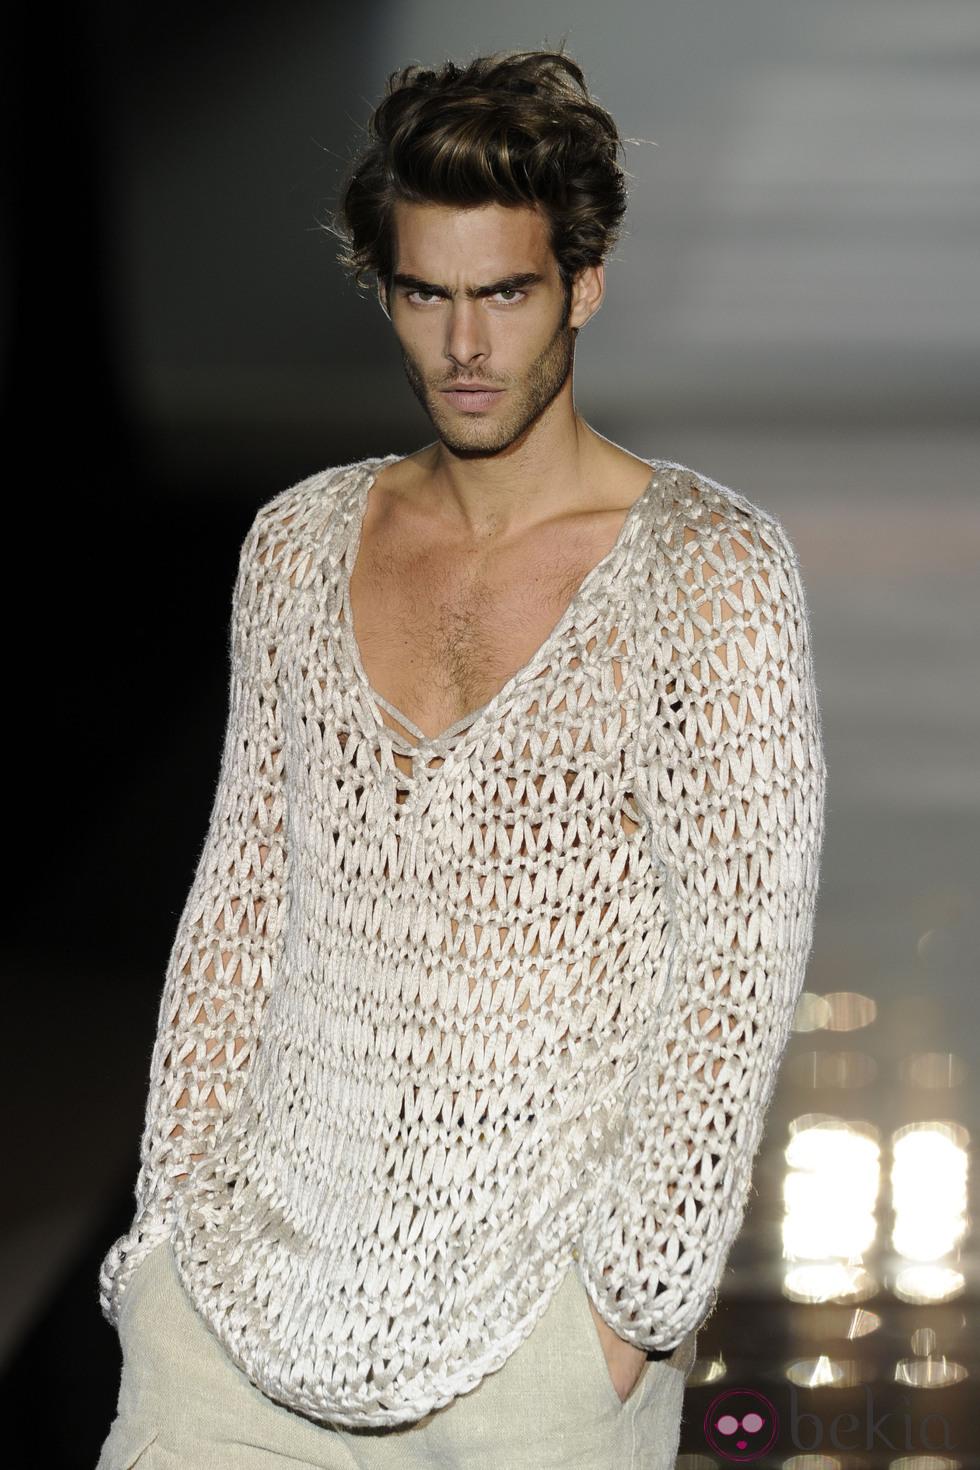 All carito fashion september 2012 - All Carito Fashion